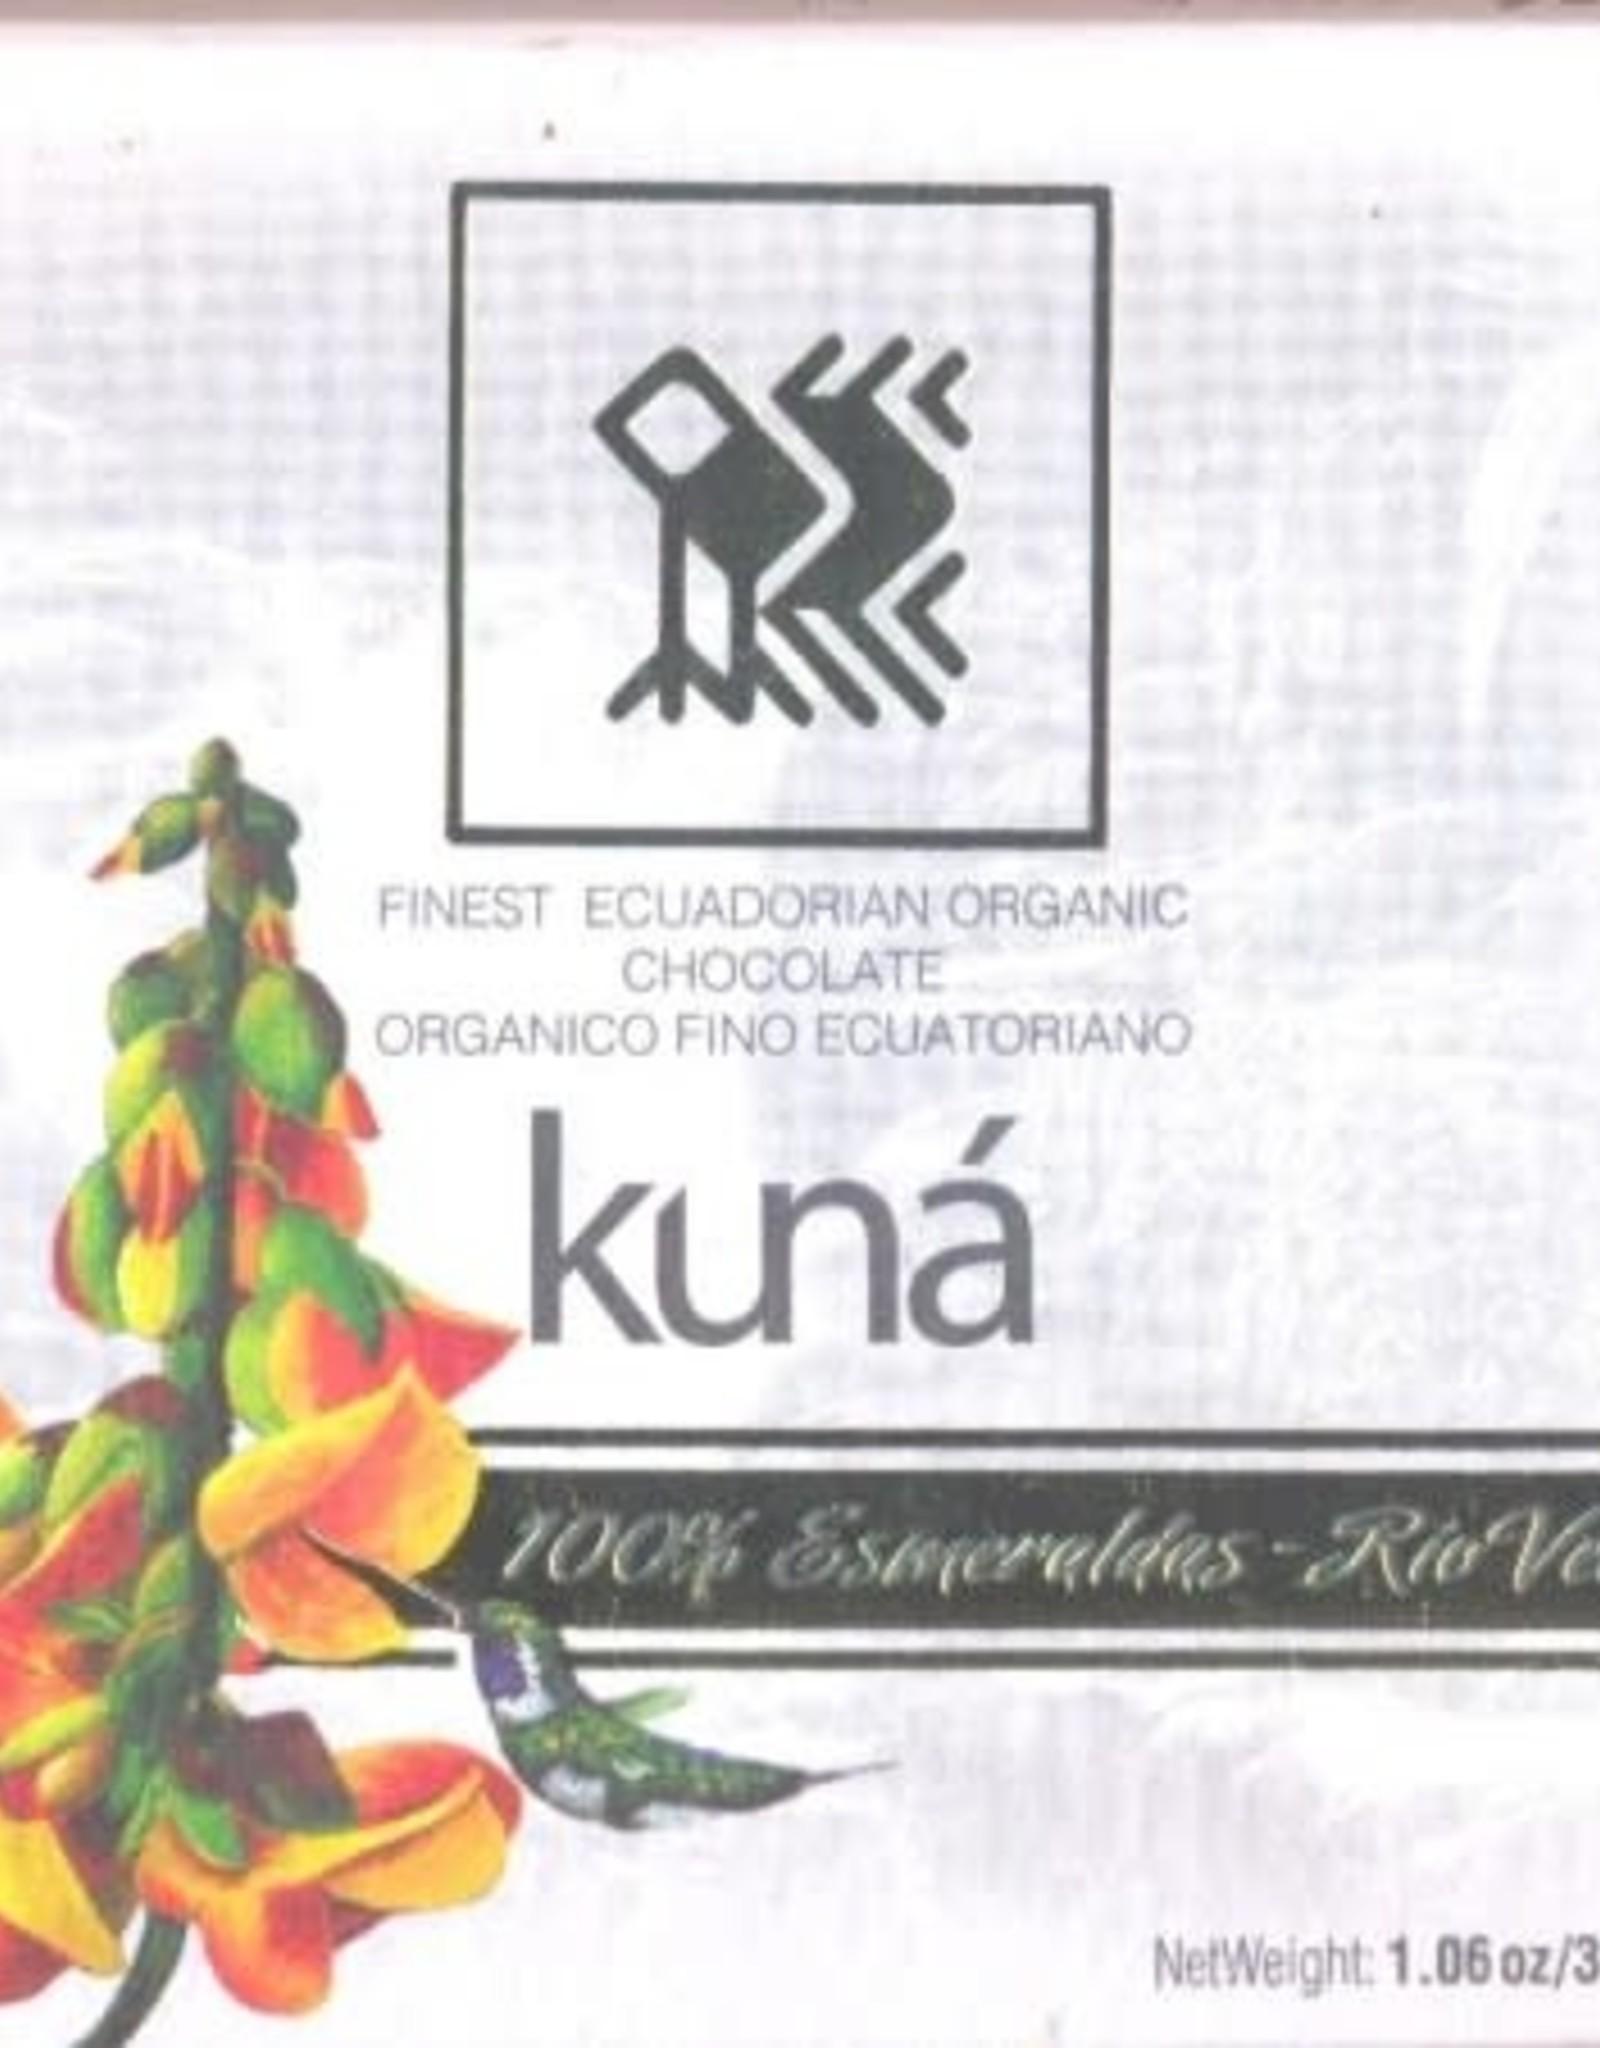 KUNÁ, Ecuador BIO Rio Verde Esmeraldas 100%